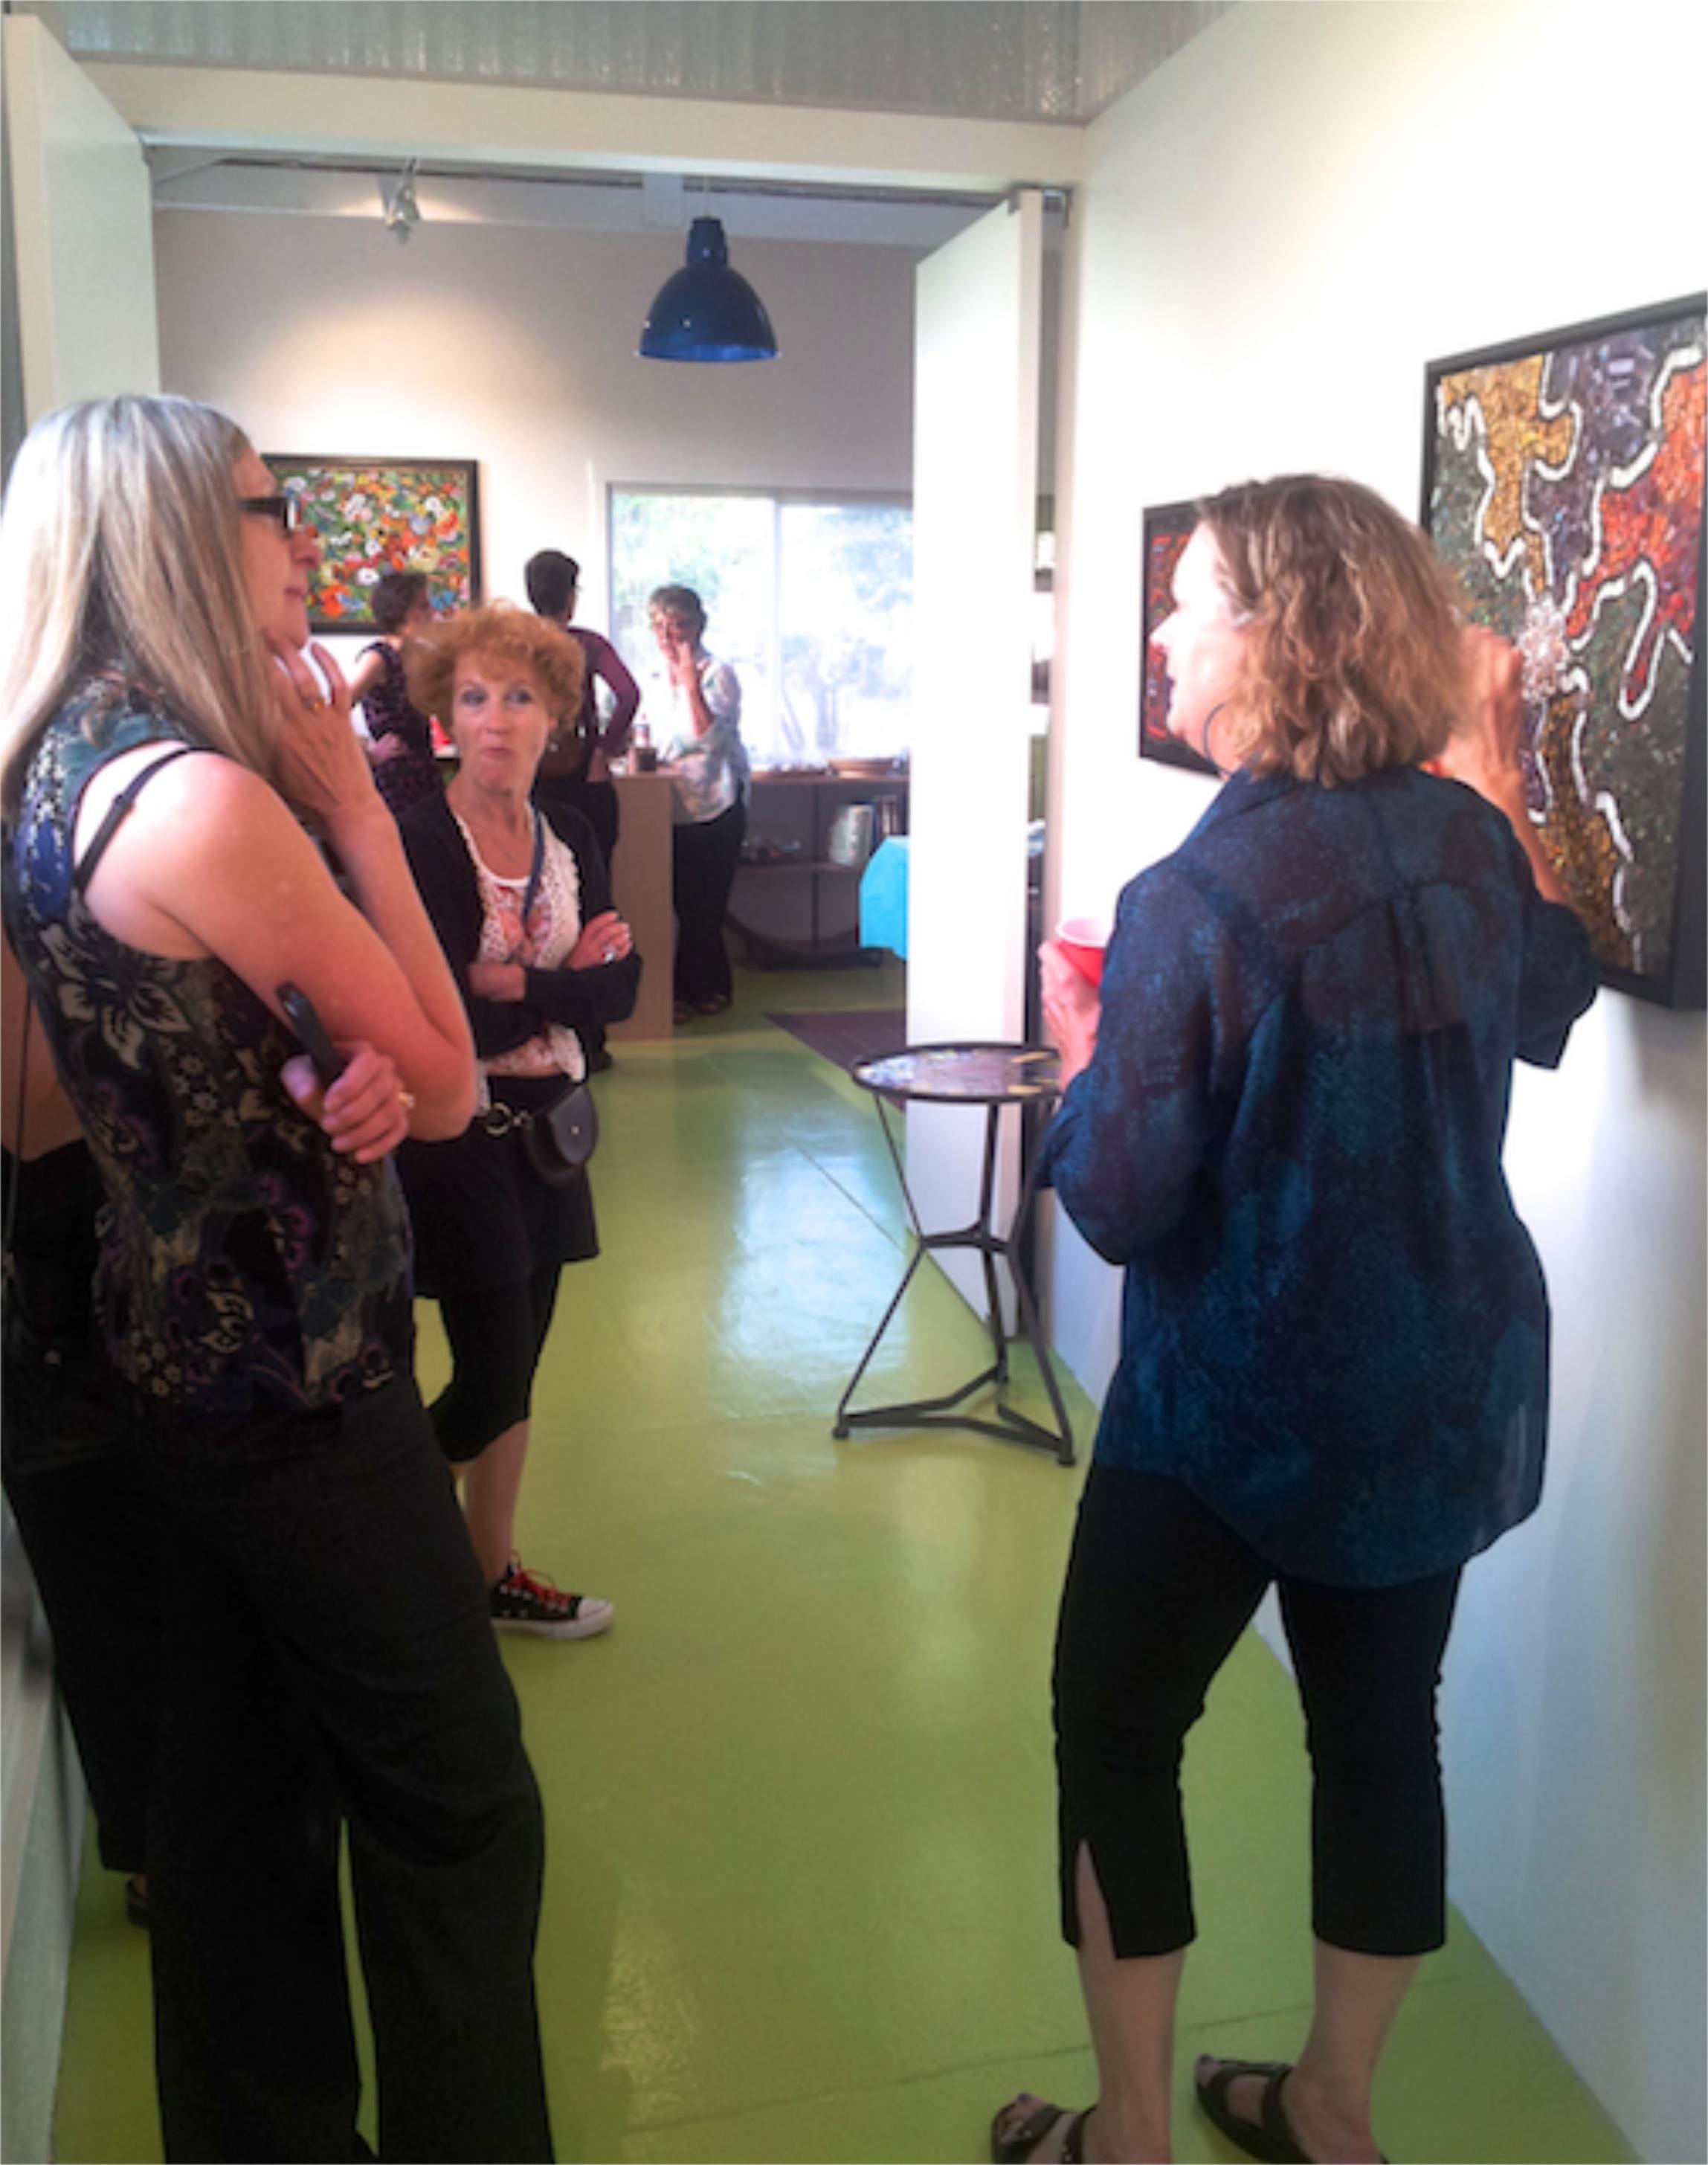 Jill shares about her artwork